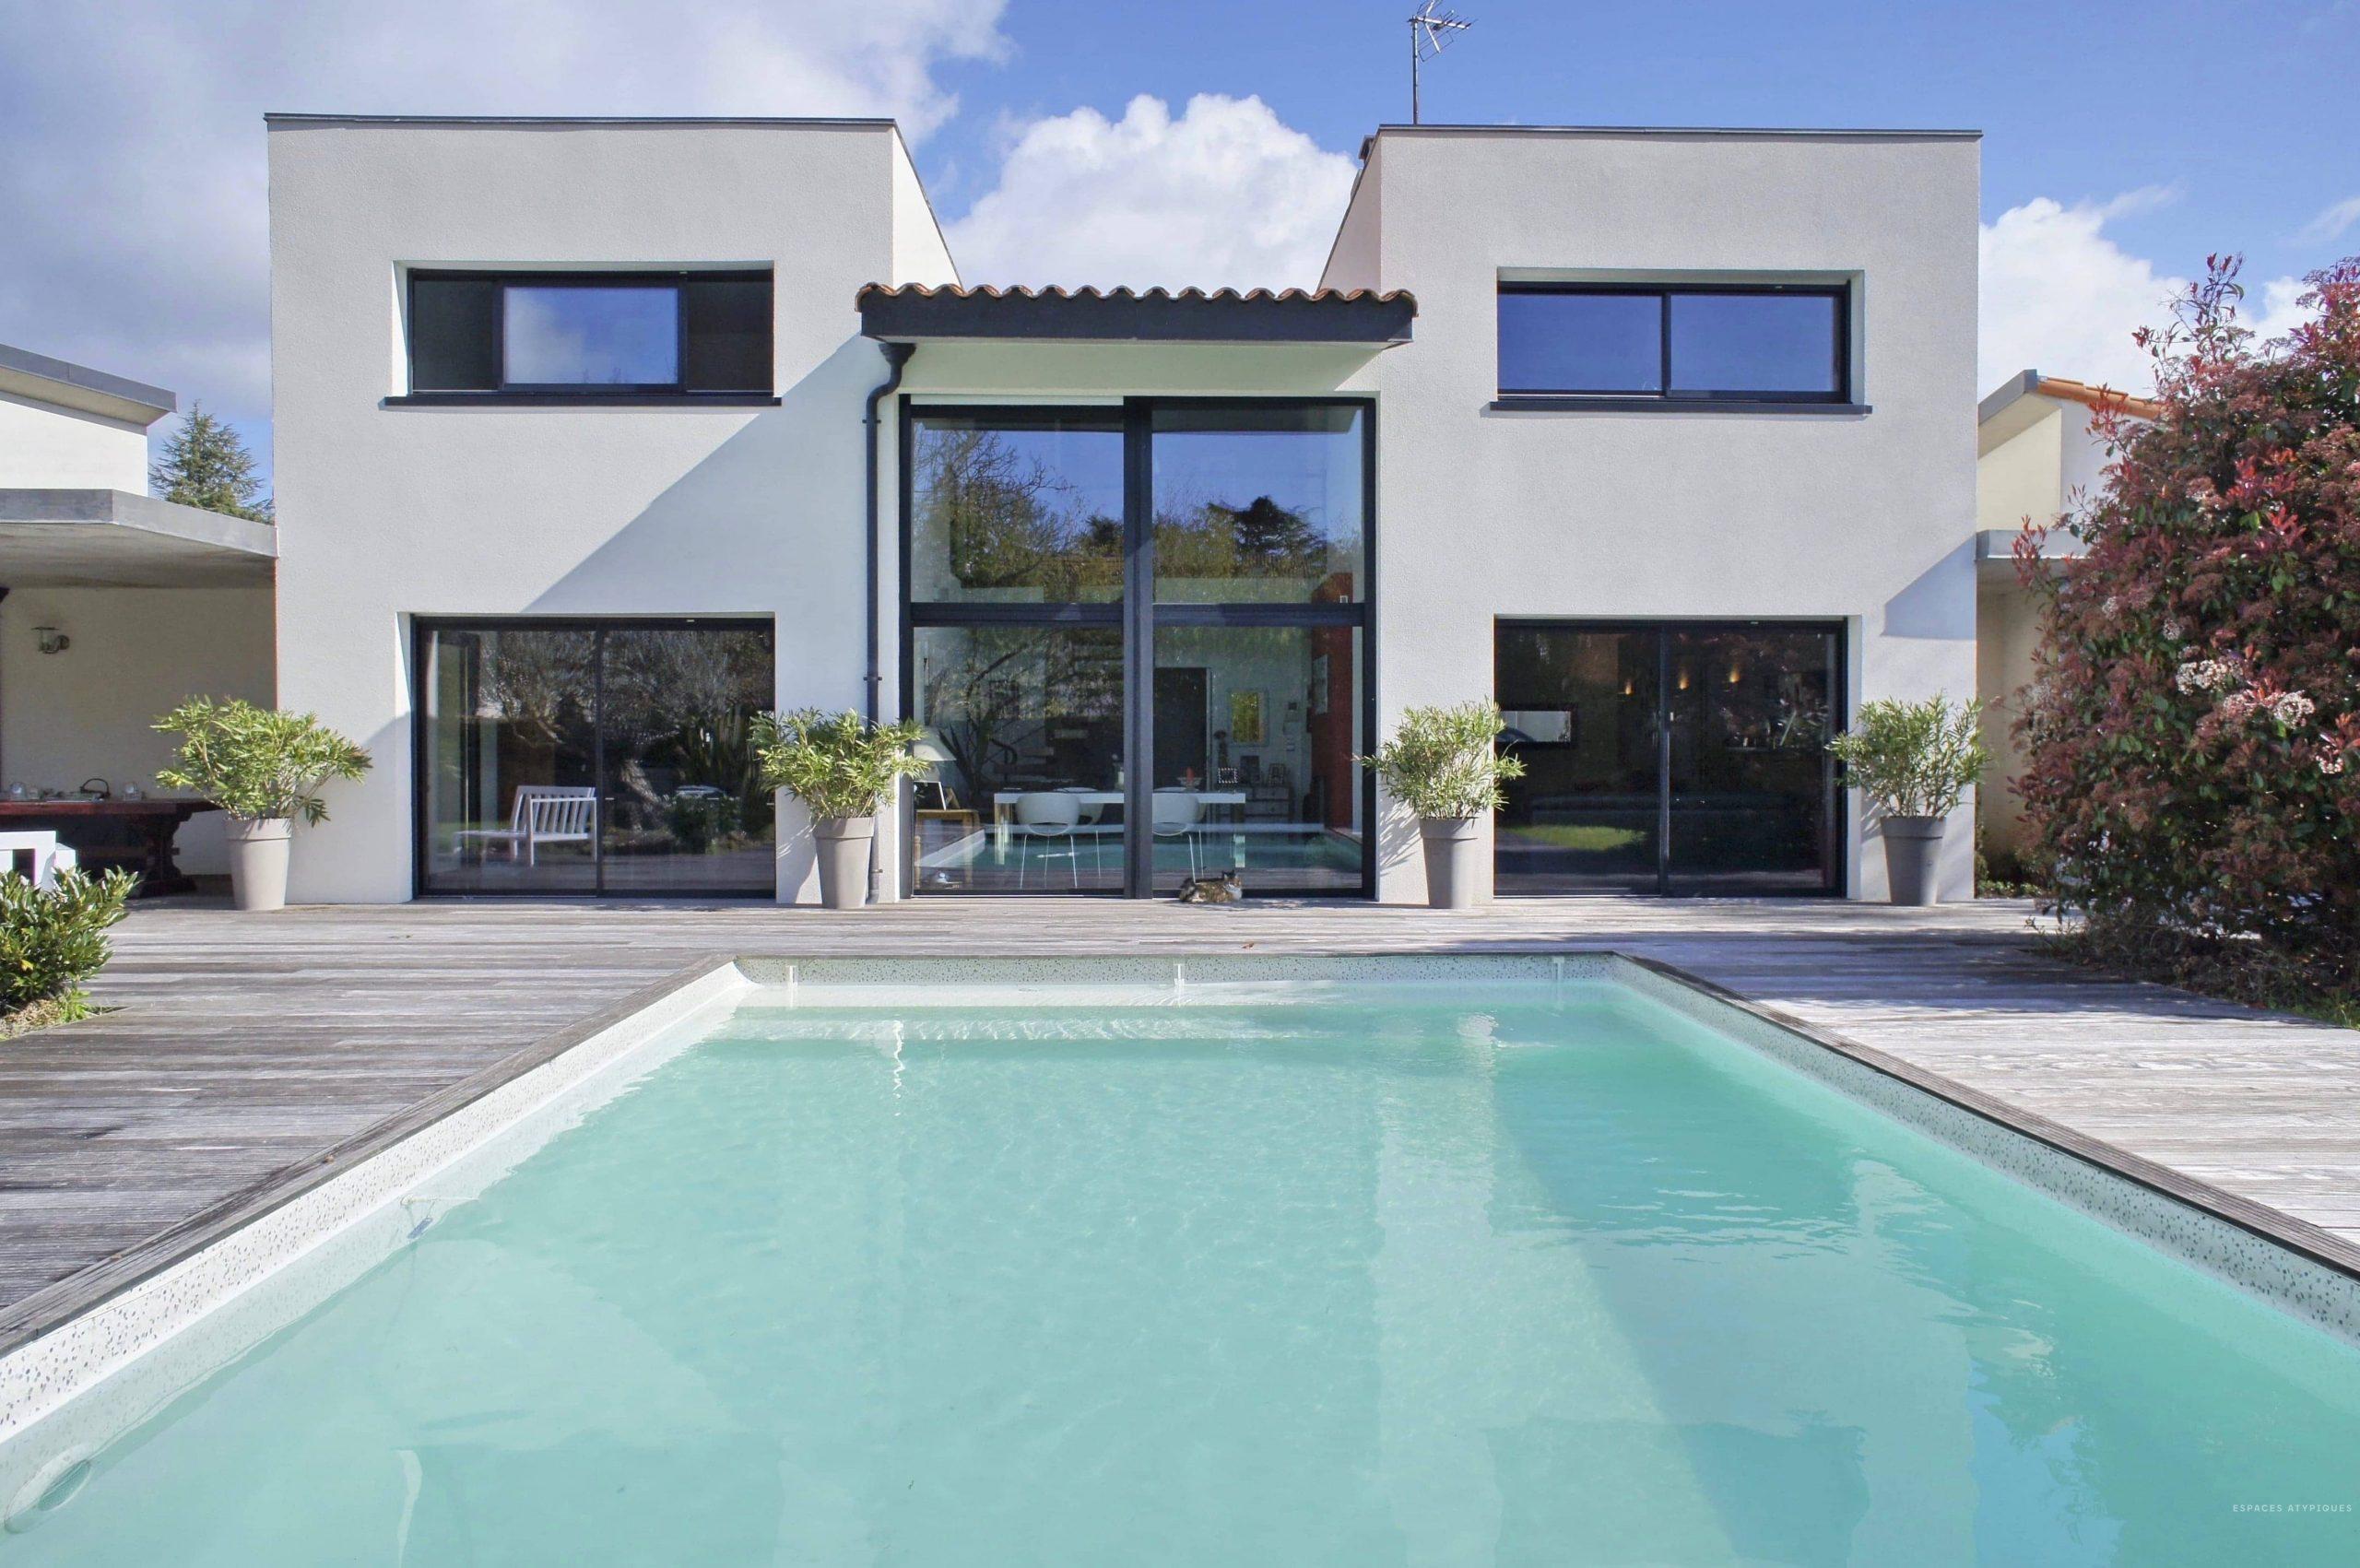 A Vendre - Superbe Maison Contemporaine Avec Piscine À Nantes avec Maison Avec Piscine A Vendre